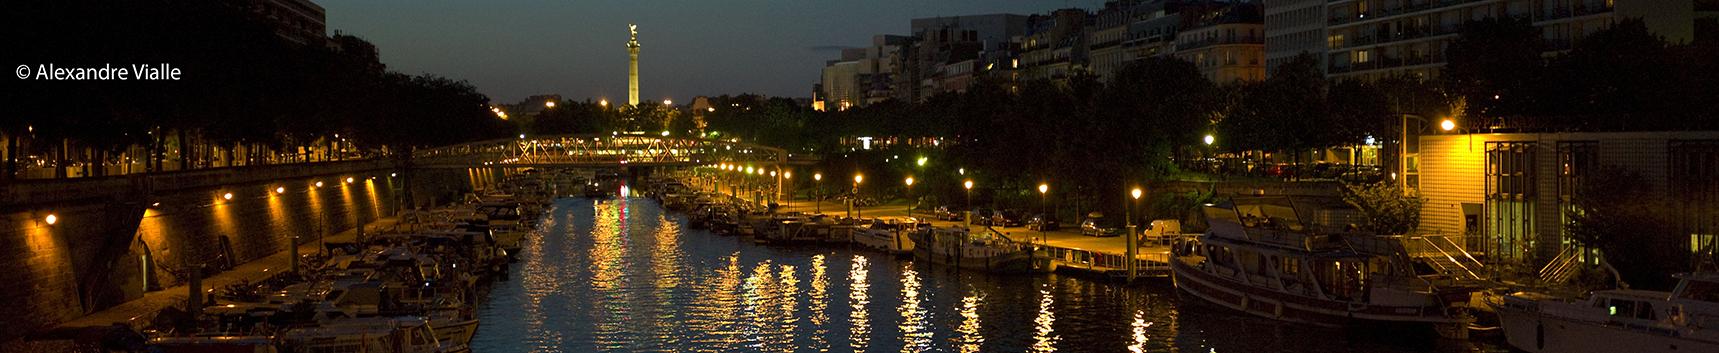 Port de l'Escale © Alexandre Vialle1